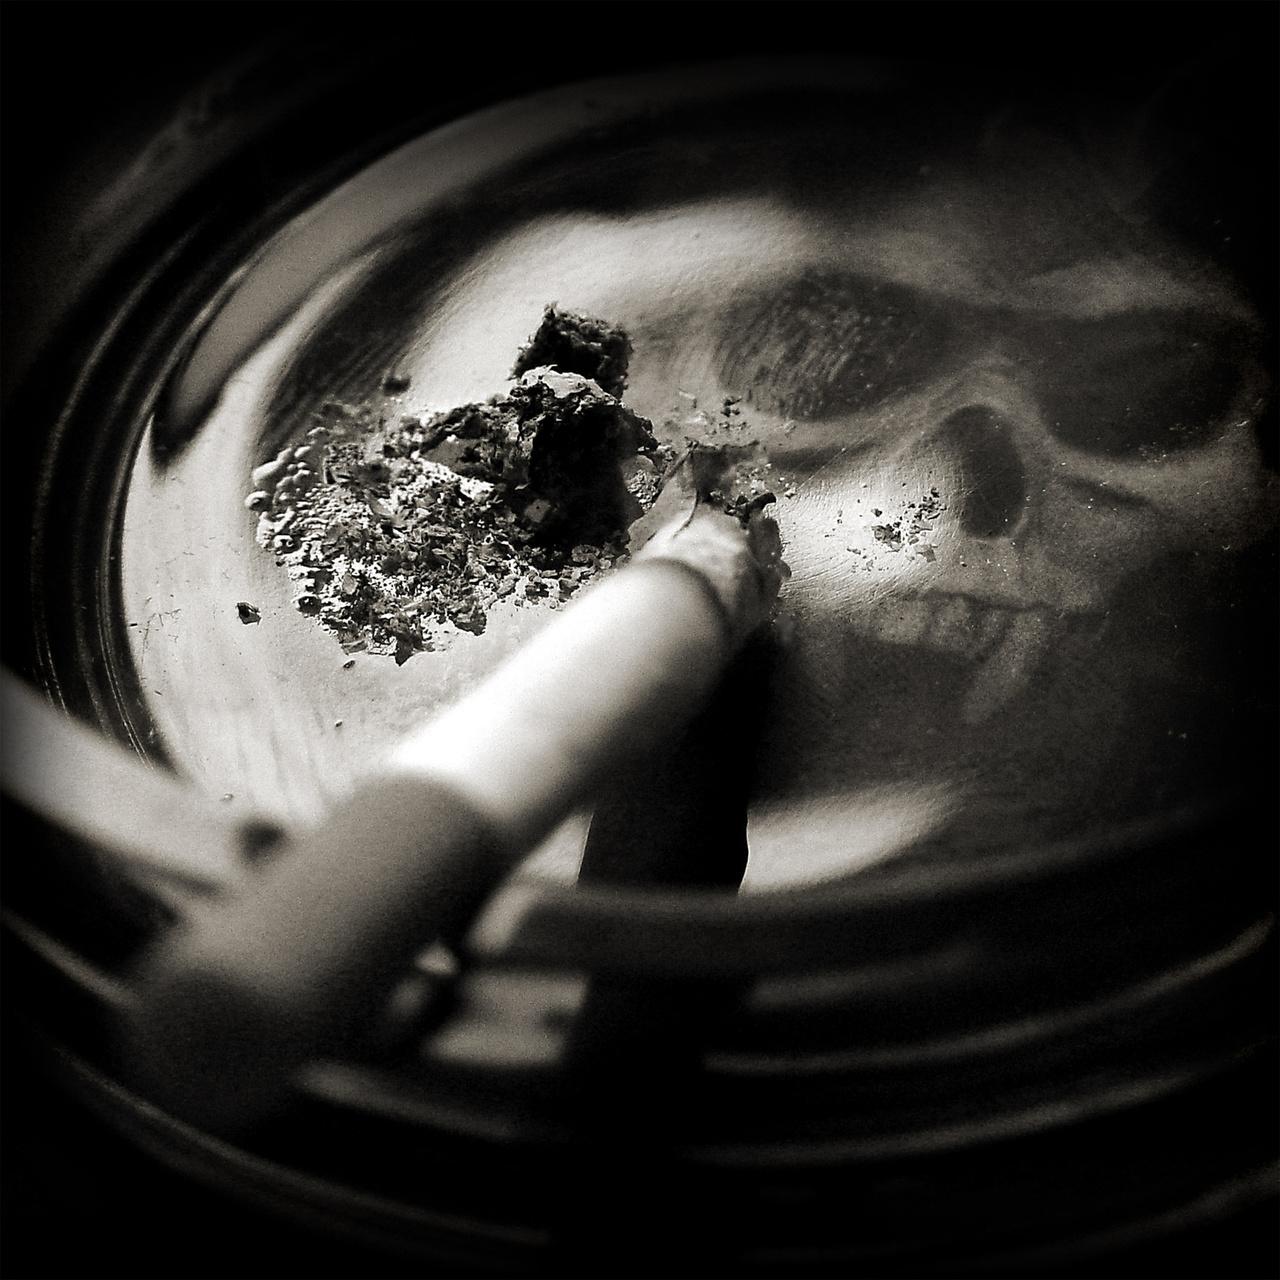 Probabilità di contrarre tumore fumo passivo